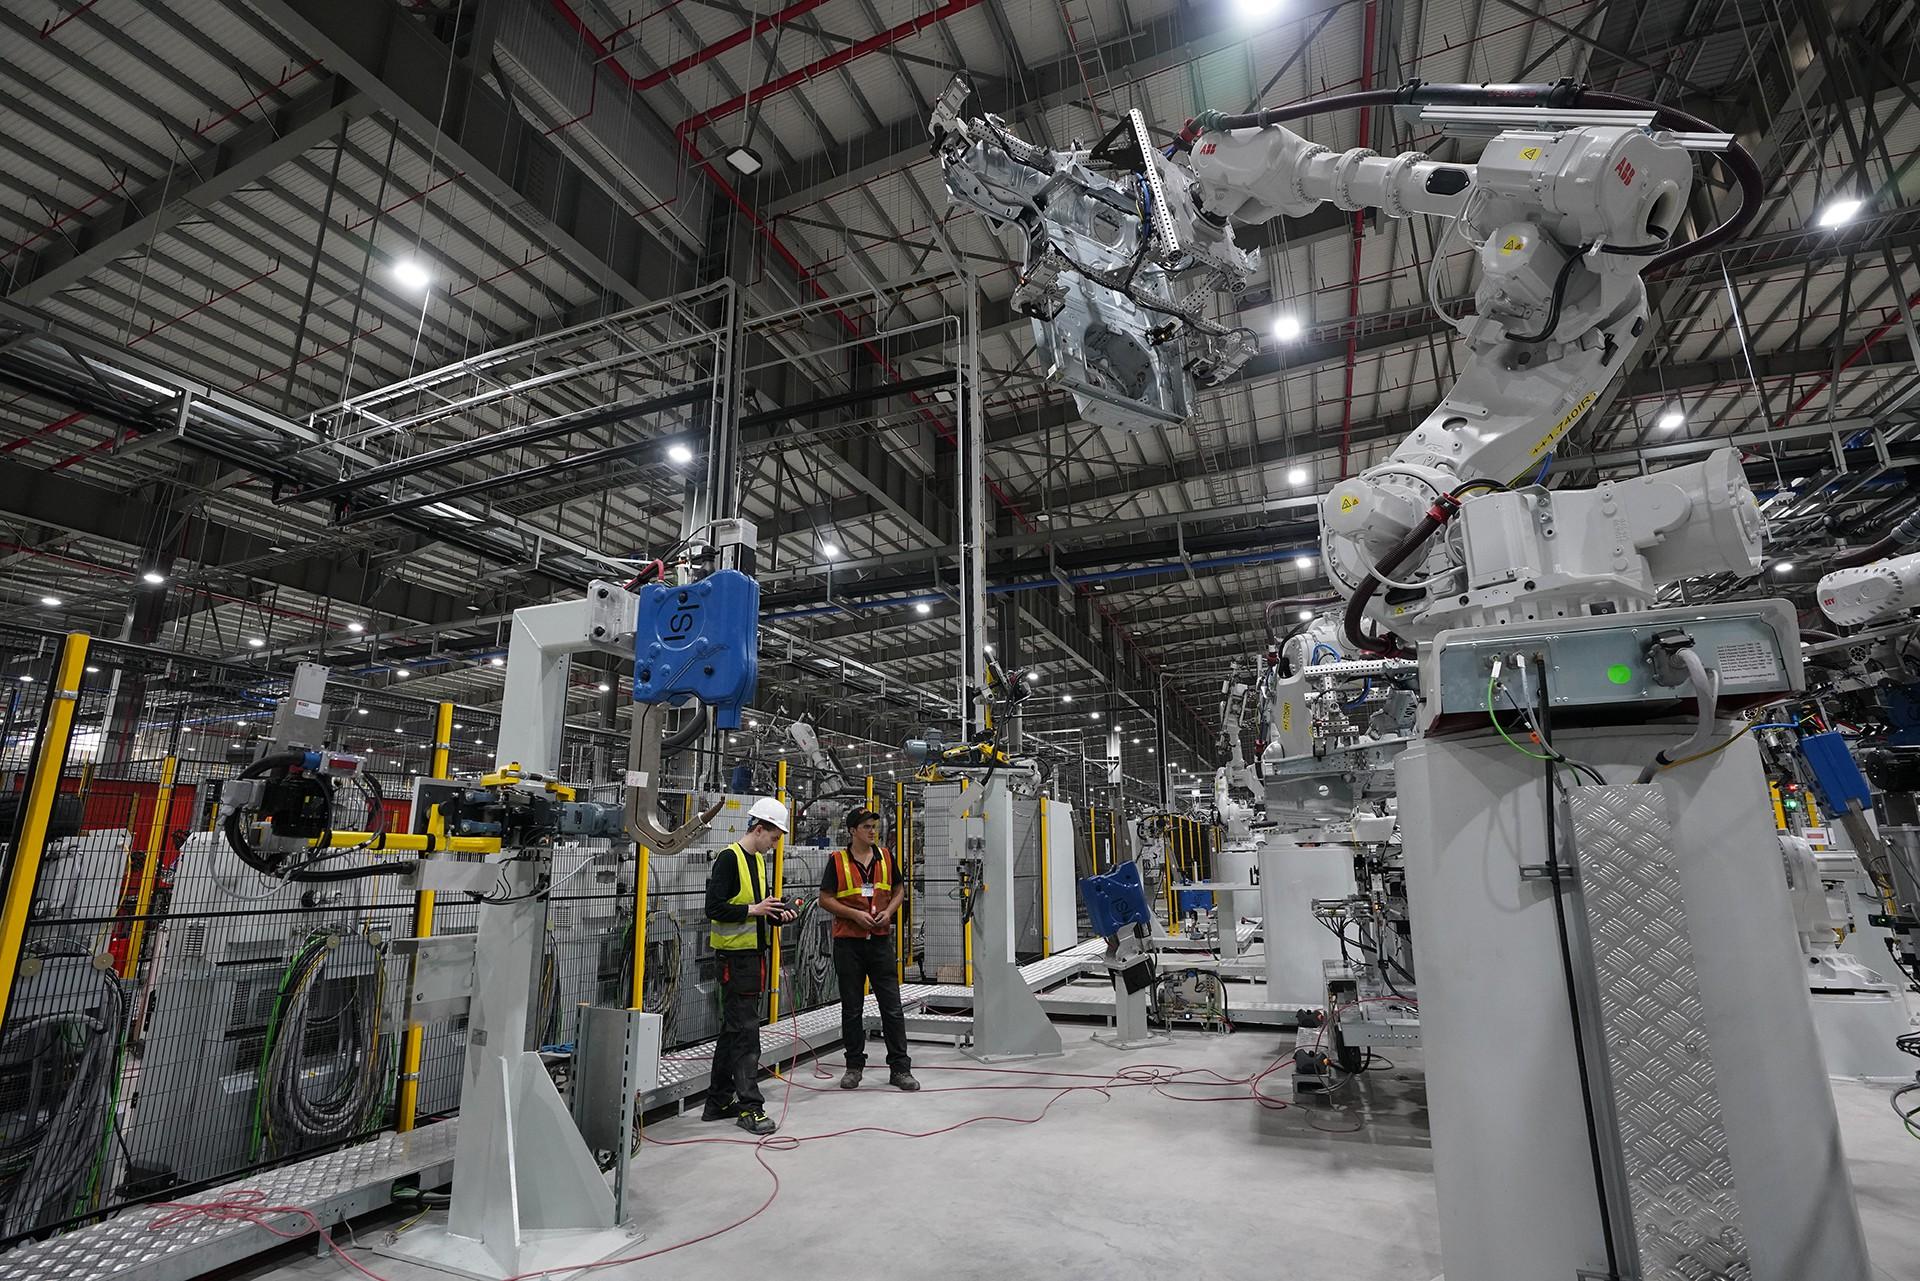 vinfast - a7r00101 1557962891908547303638 - Hé lộ hình ảnh bên trong nhà máy sản xuất ô tô sắp khánh thành của VinFast